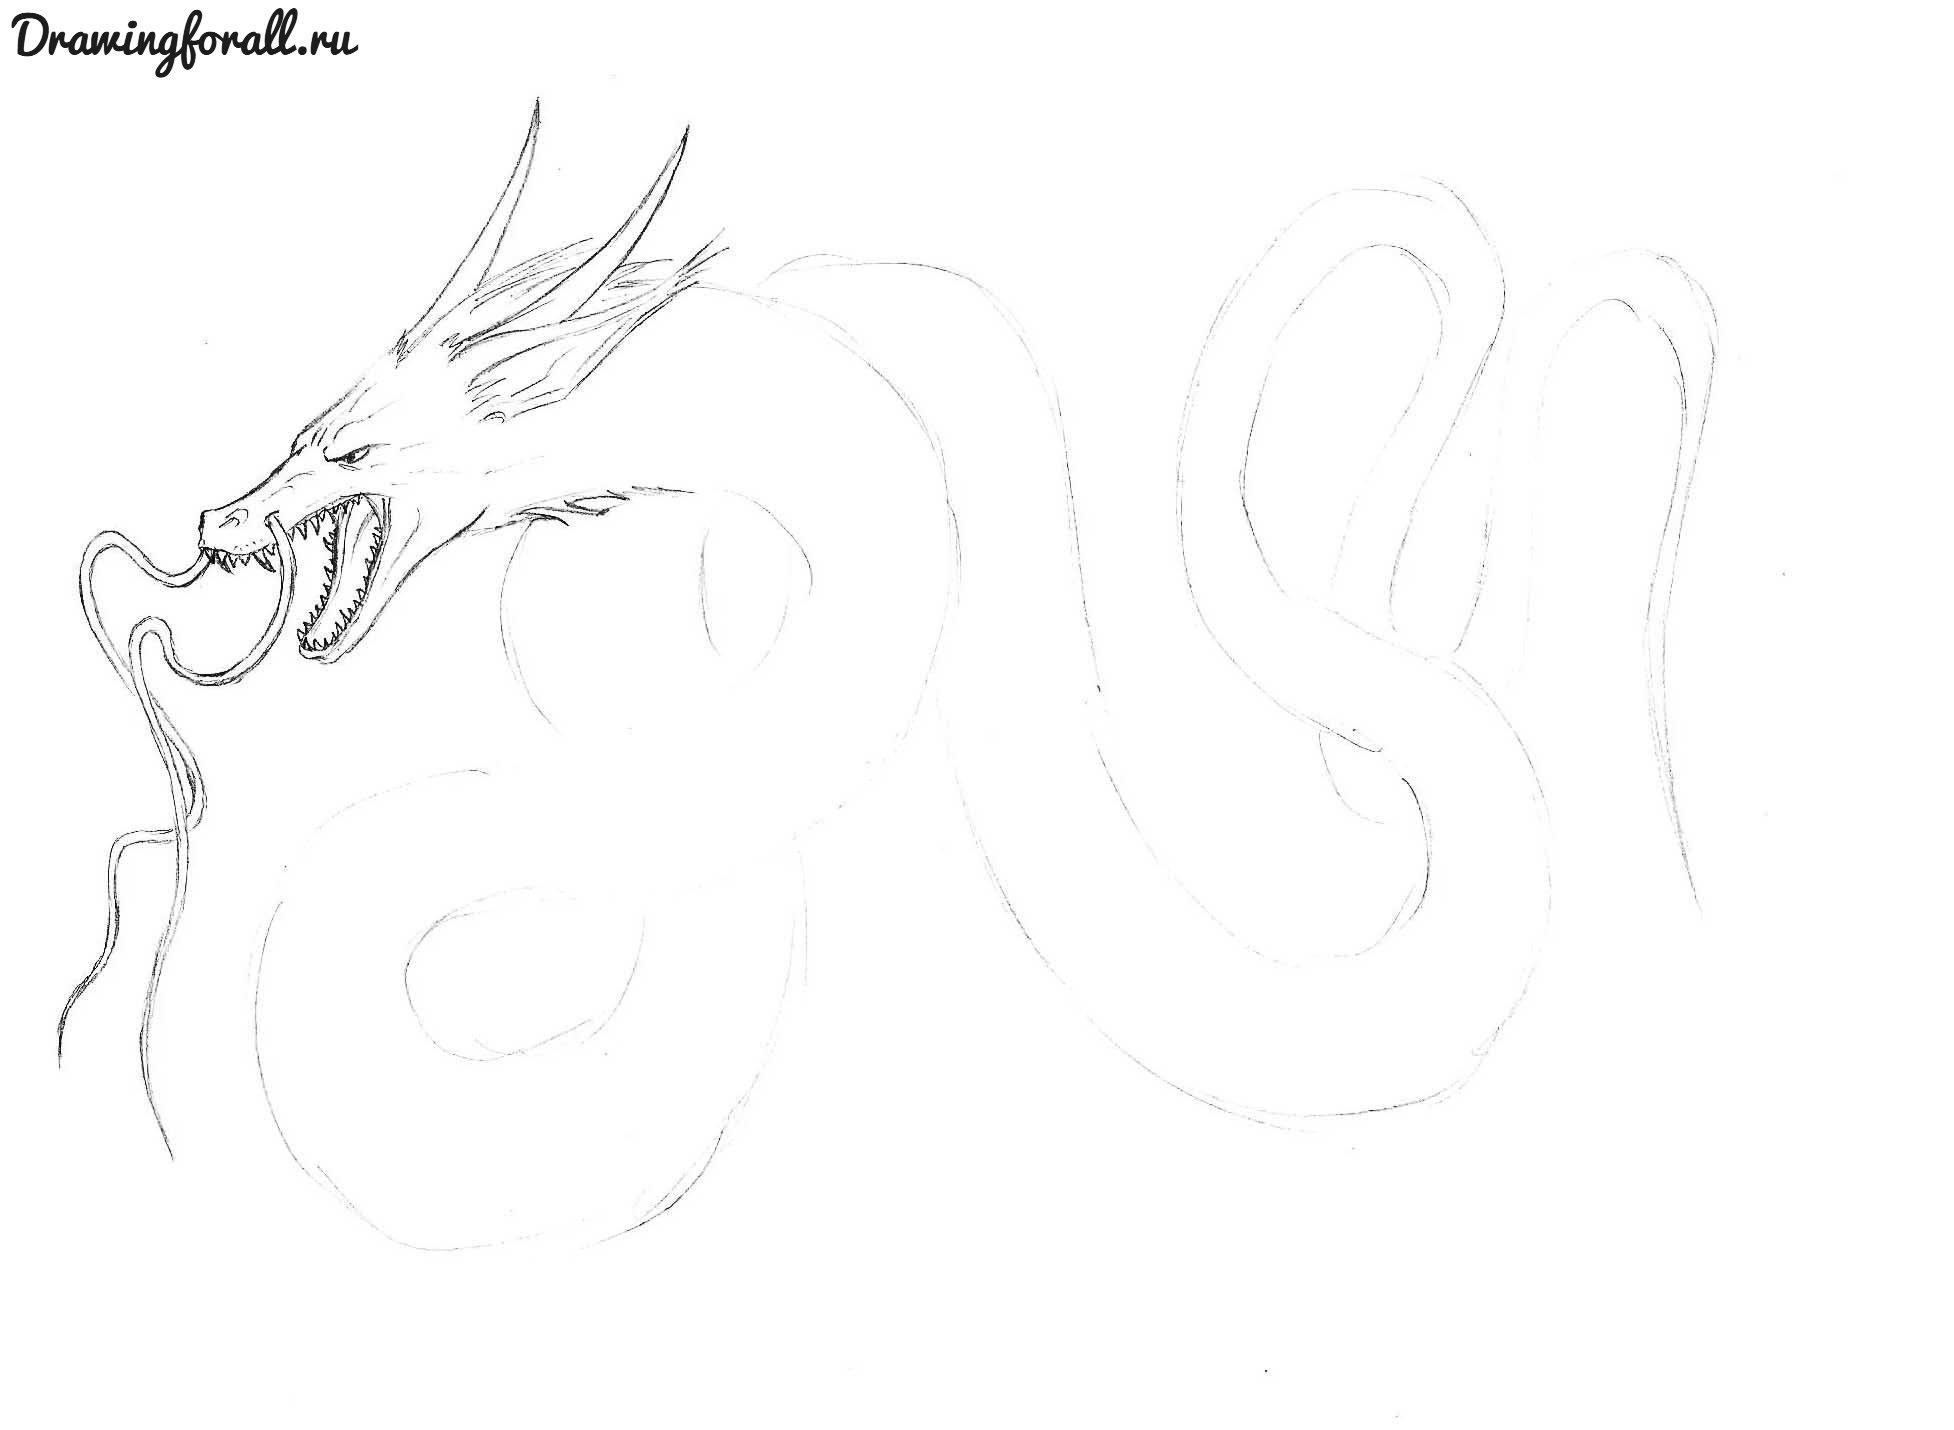 как нарисовать китайского дракона поэтапно